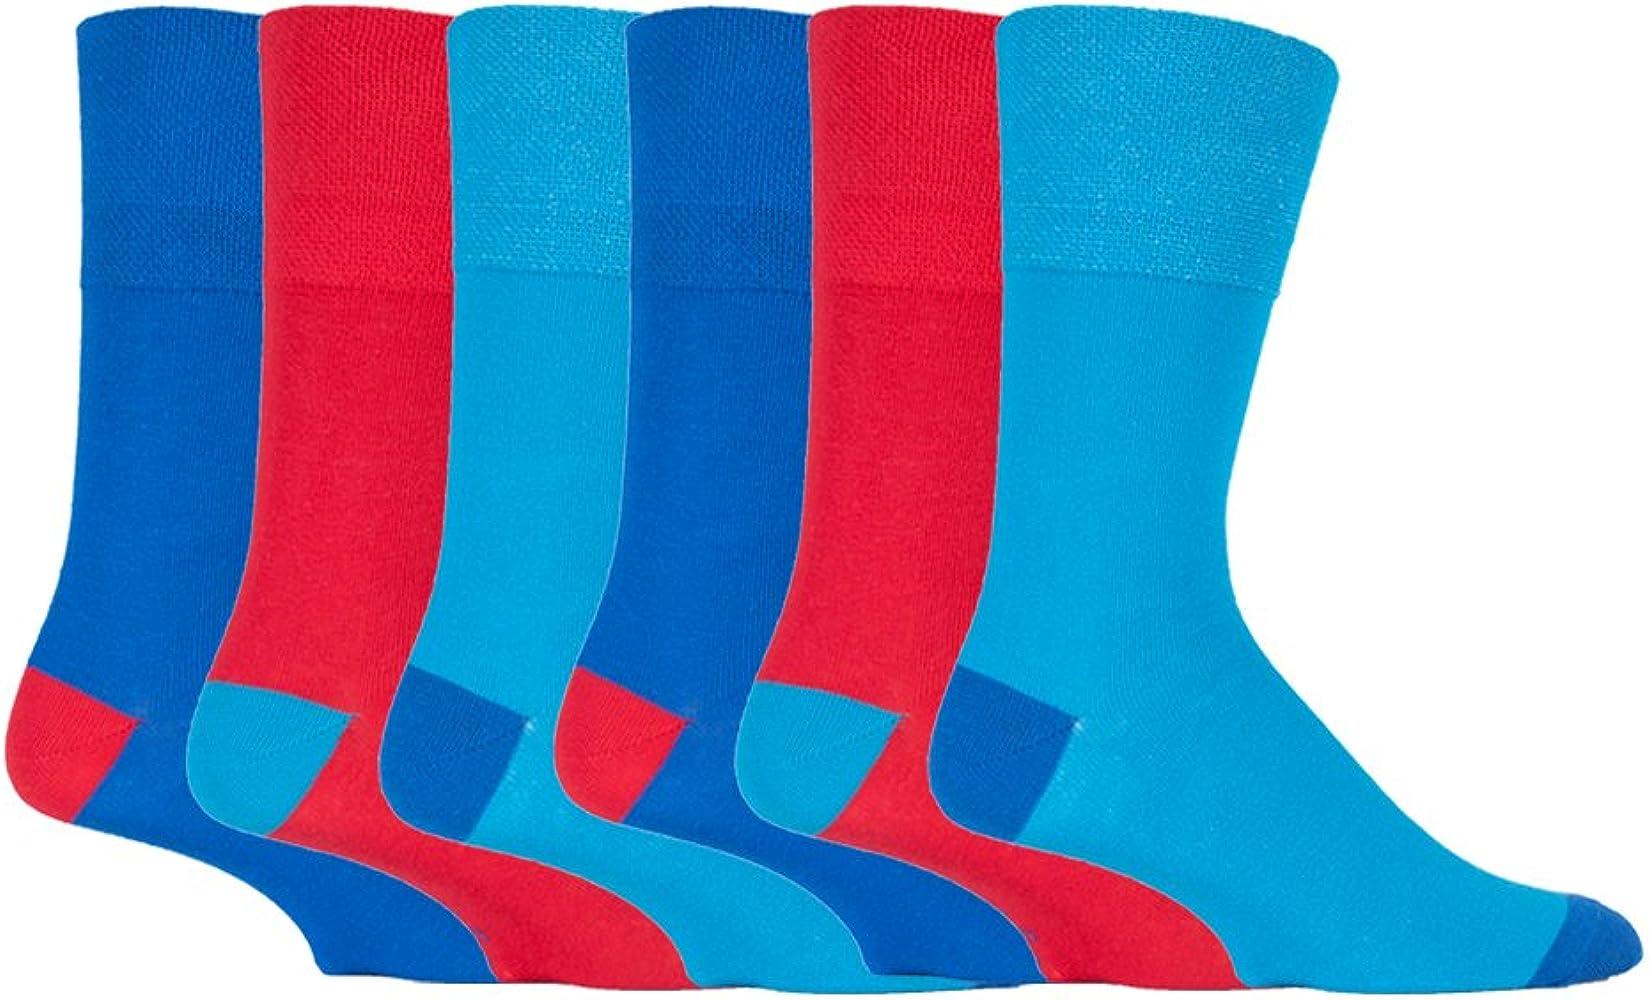 SockShop paquetes de 3, 6 o 12 pares de calcetines con ajuste de ...